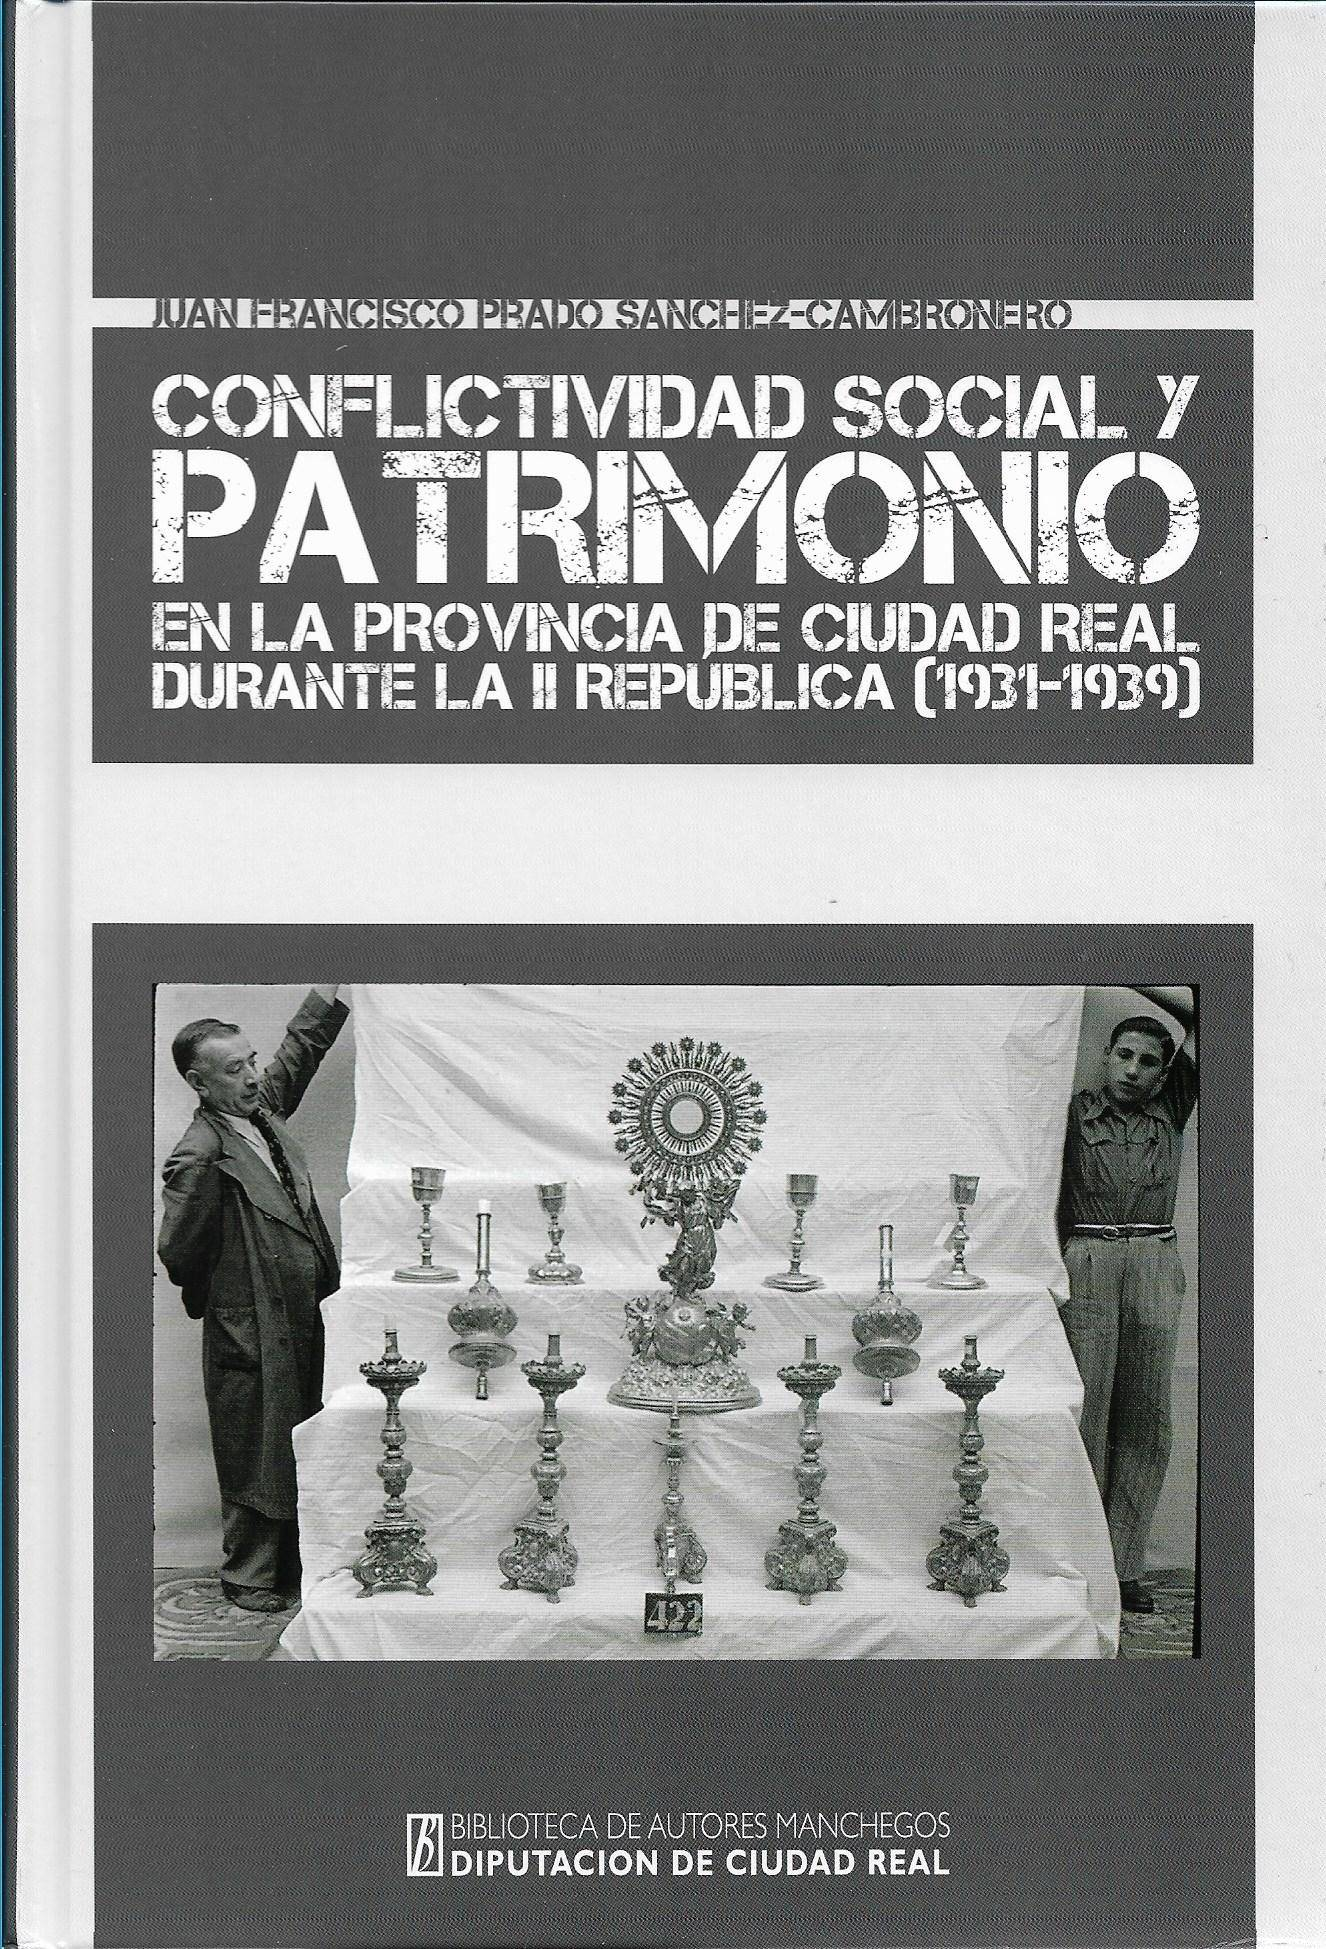 Juan Francisco Prado presenta su libro Conflictividad Social y Patrimonio 3